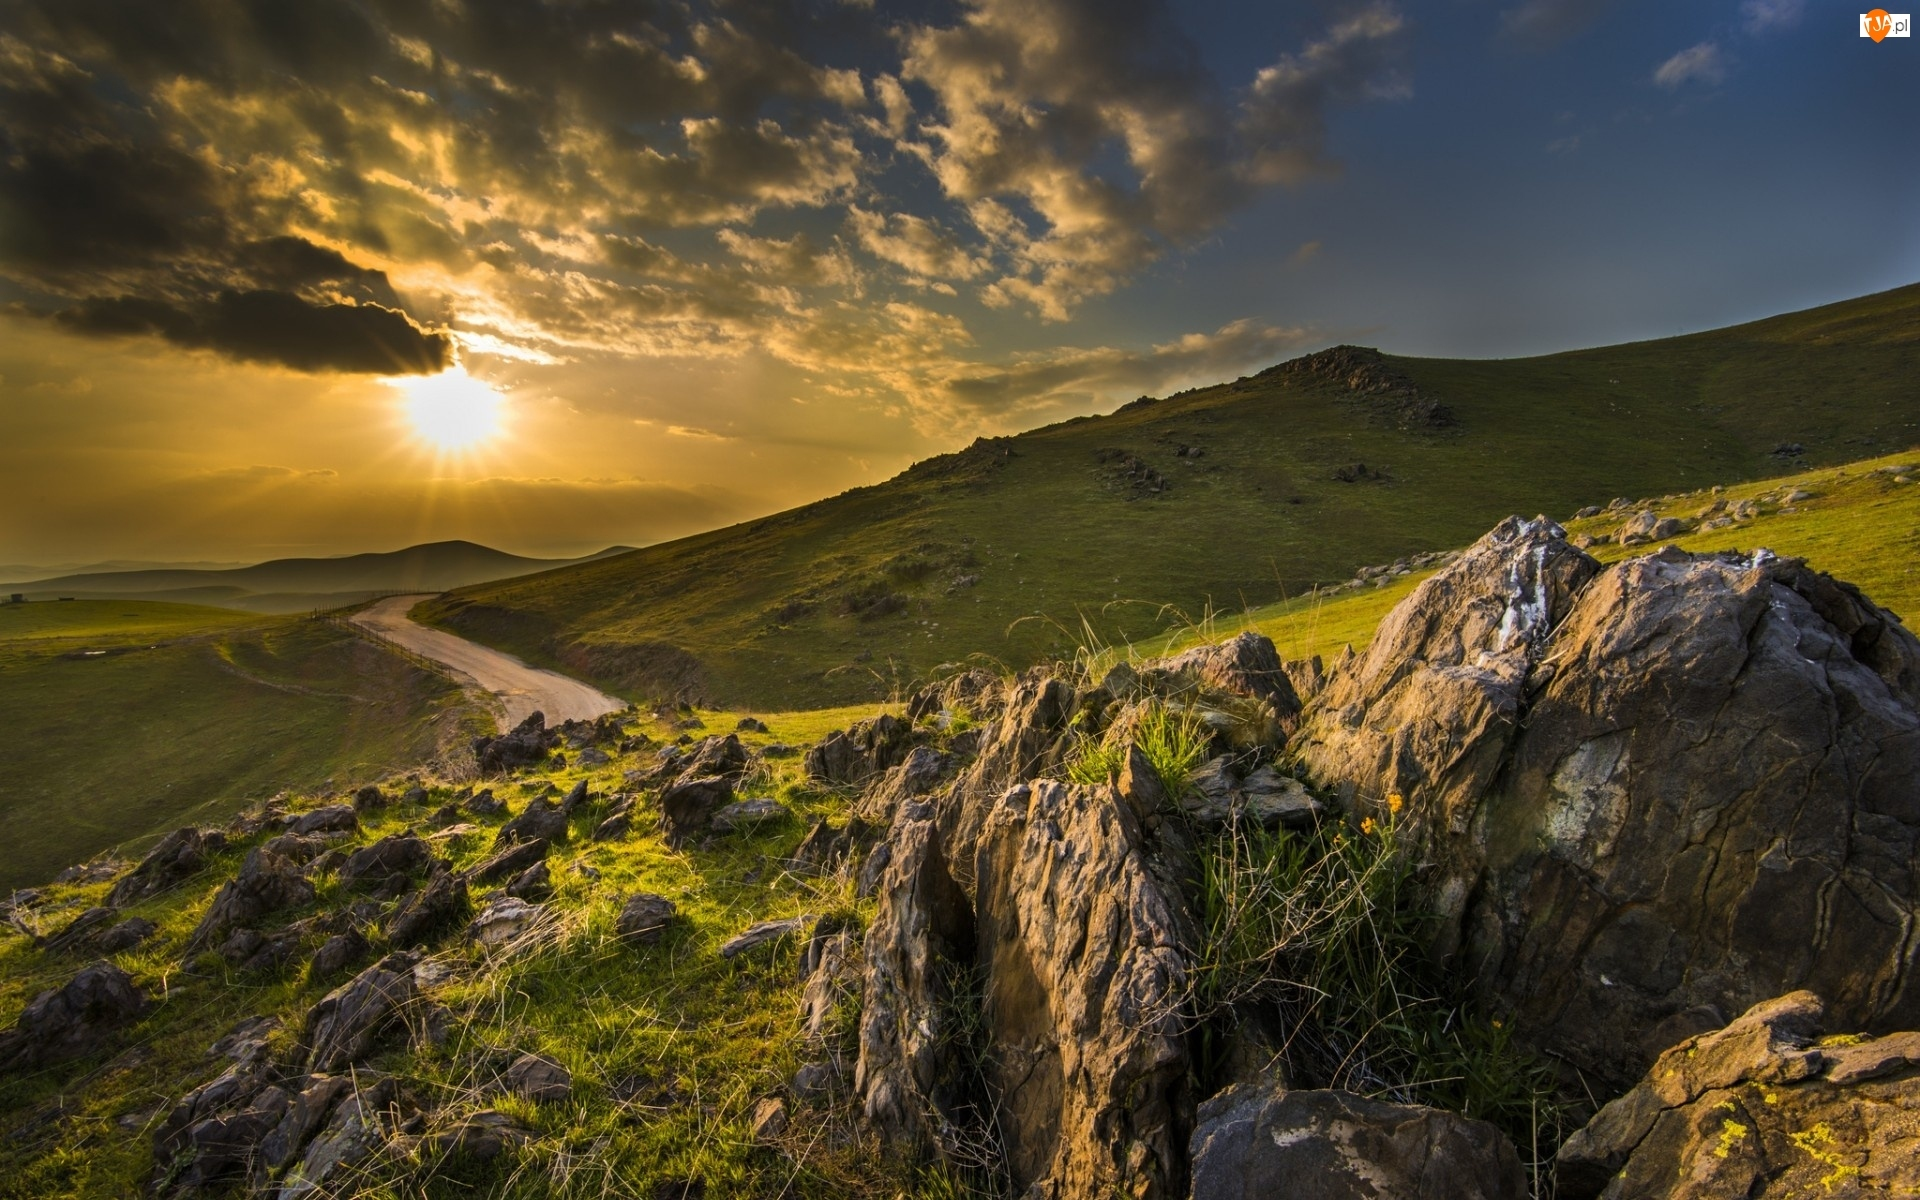 Słońca, Chmury, Skały, Góry, Jesień, Droga, Promienie